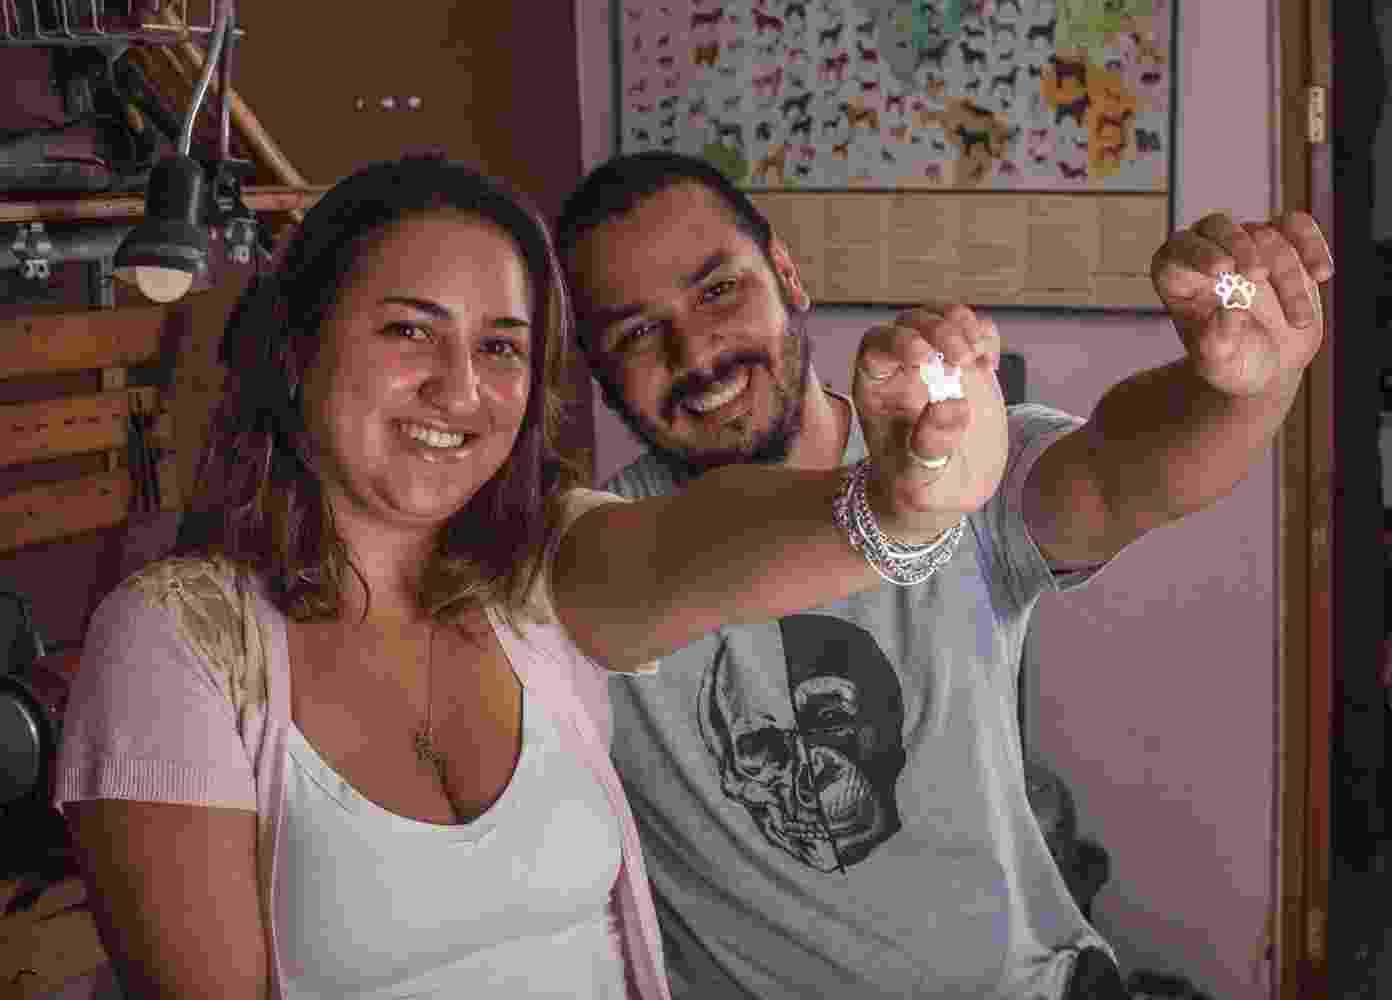 Lívia Andrade e Higor Ferreira são sócios na empresa Zoojóias, que faz pingentes, brincos e anéis de animais - Divulgação